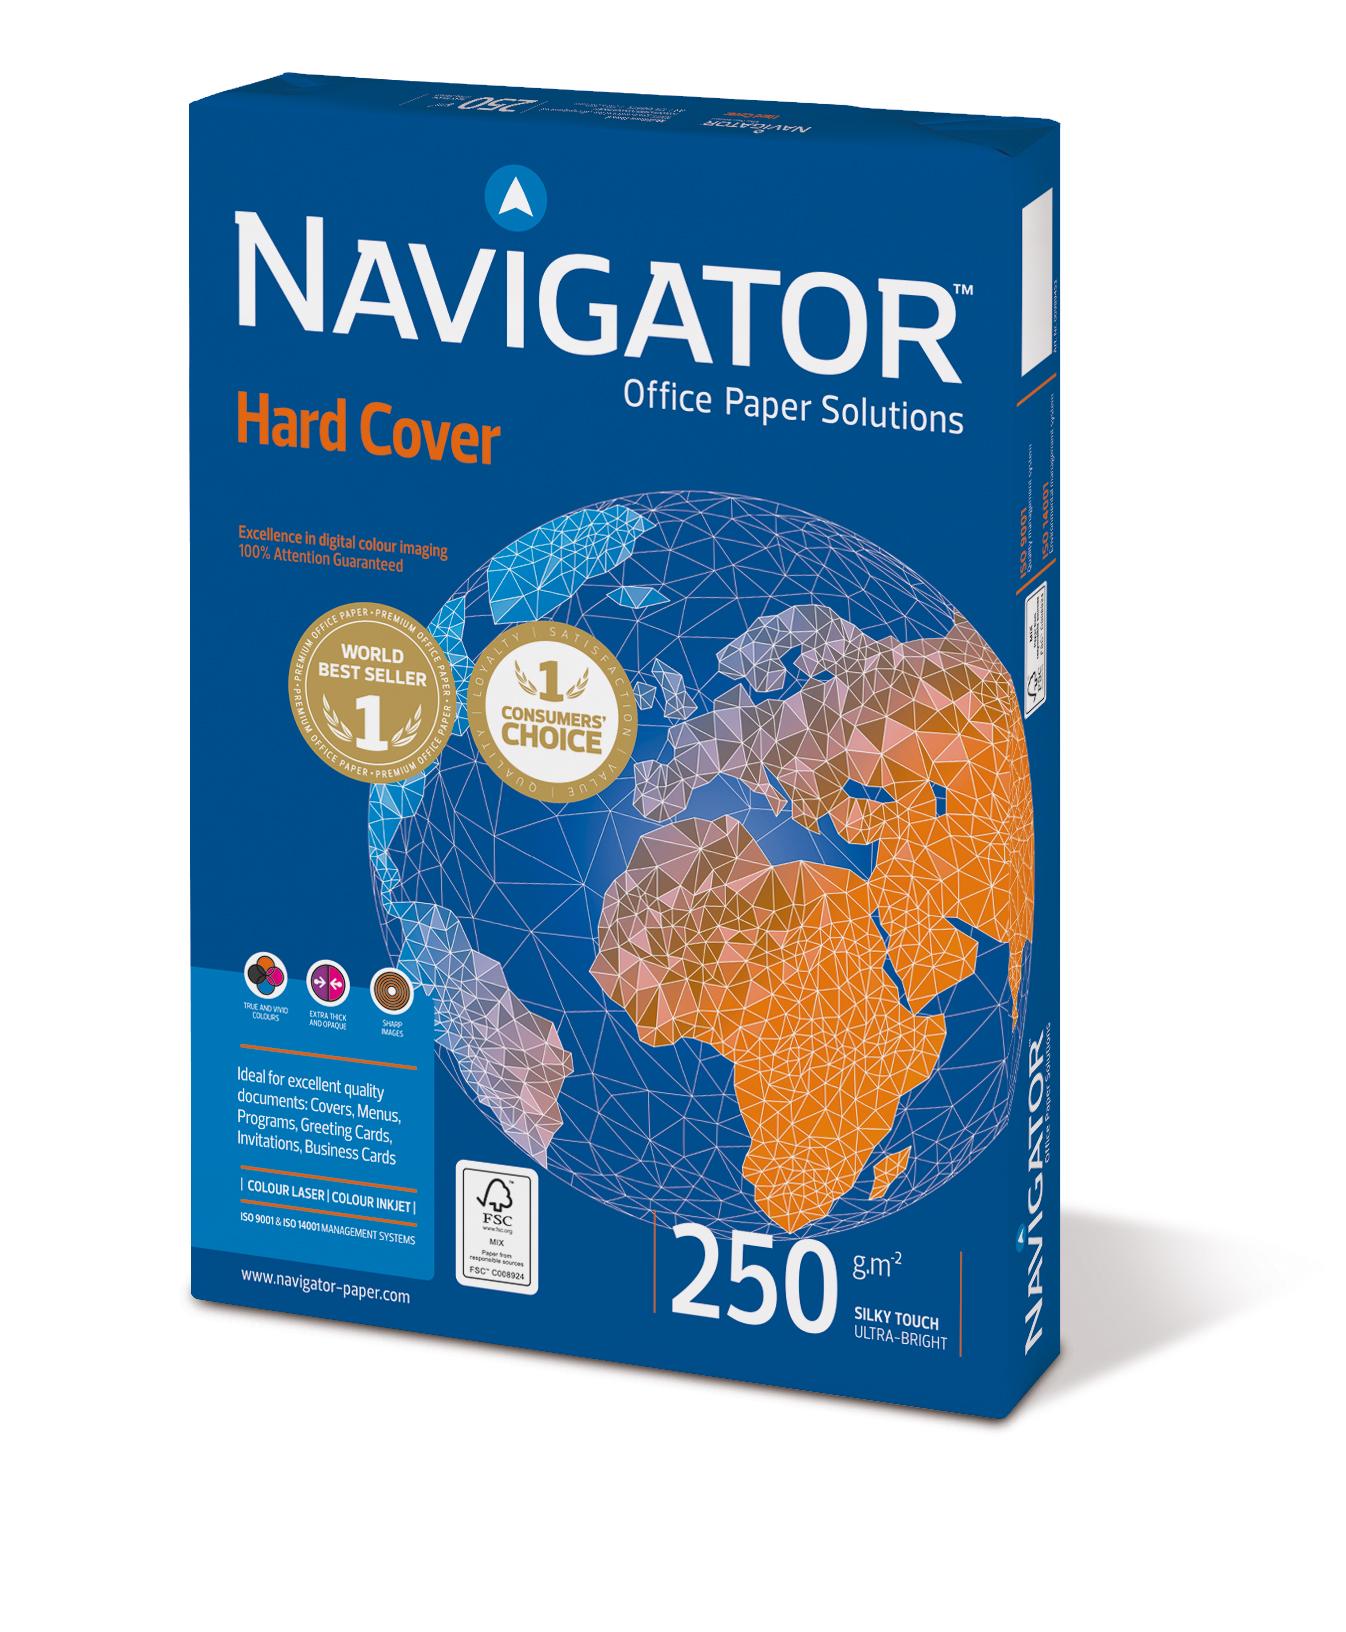 Navigator Hard Cover Kopierpapier 250g/m² DIN-A4 125 Blatt weiß